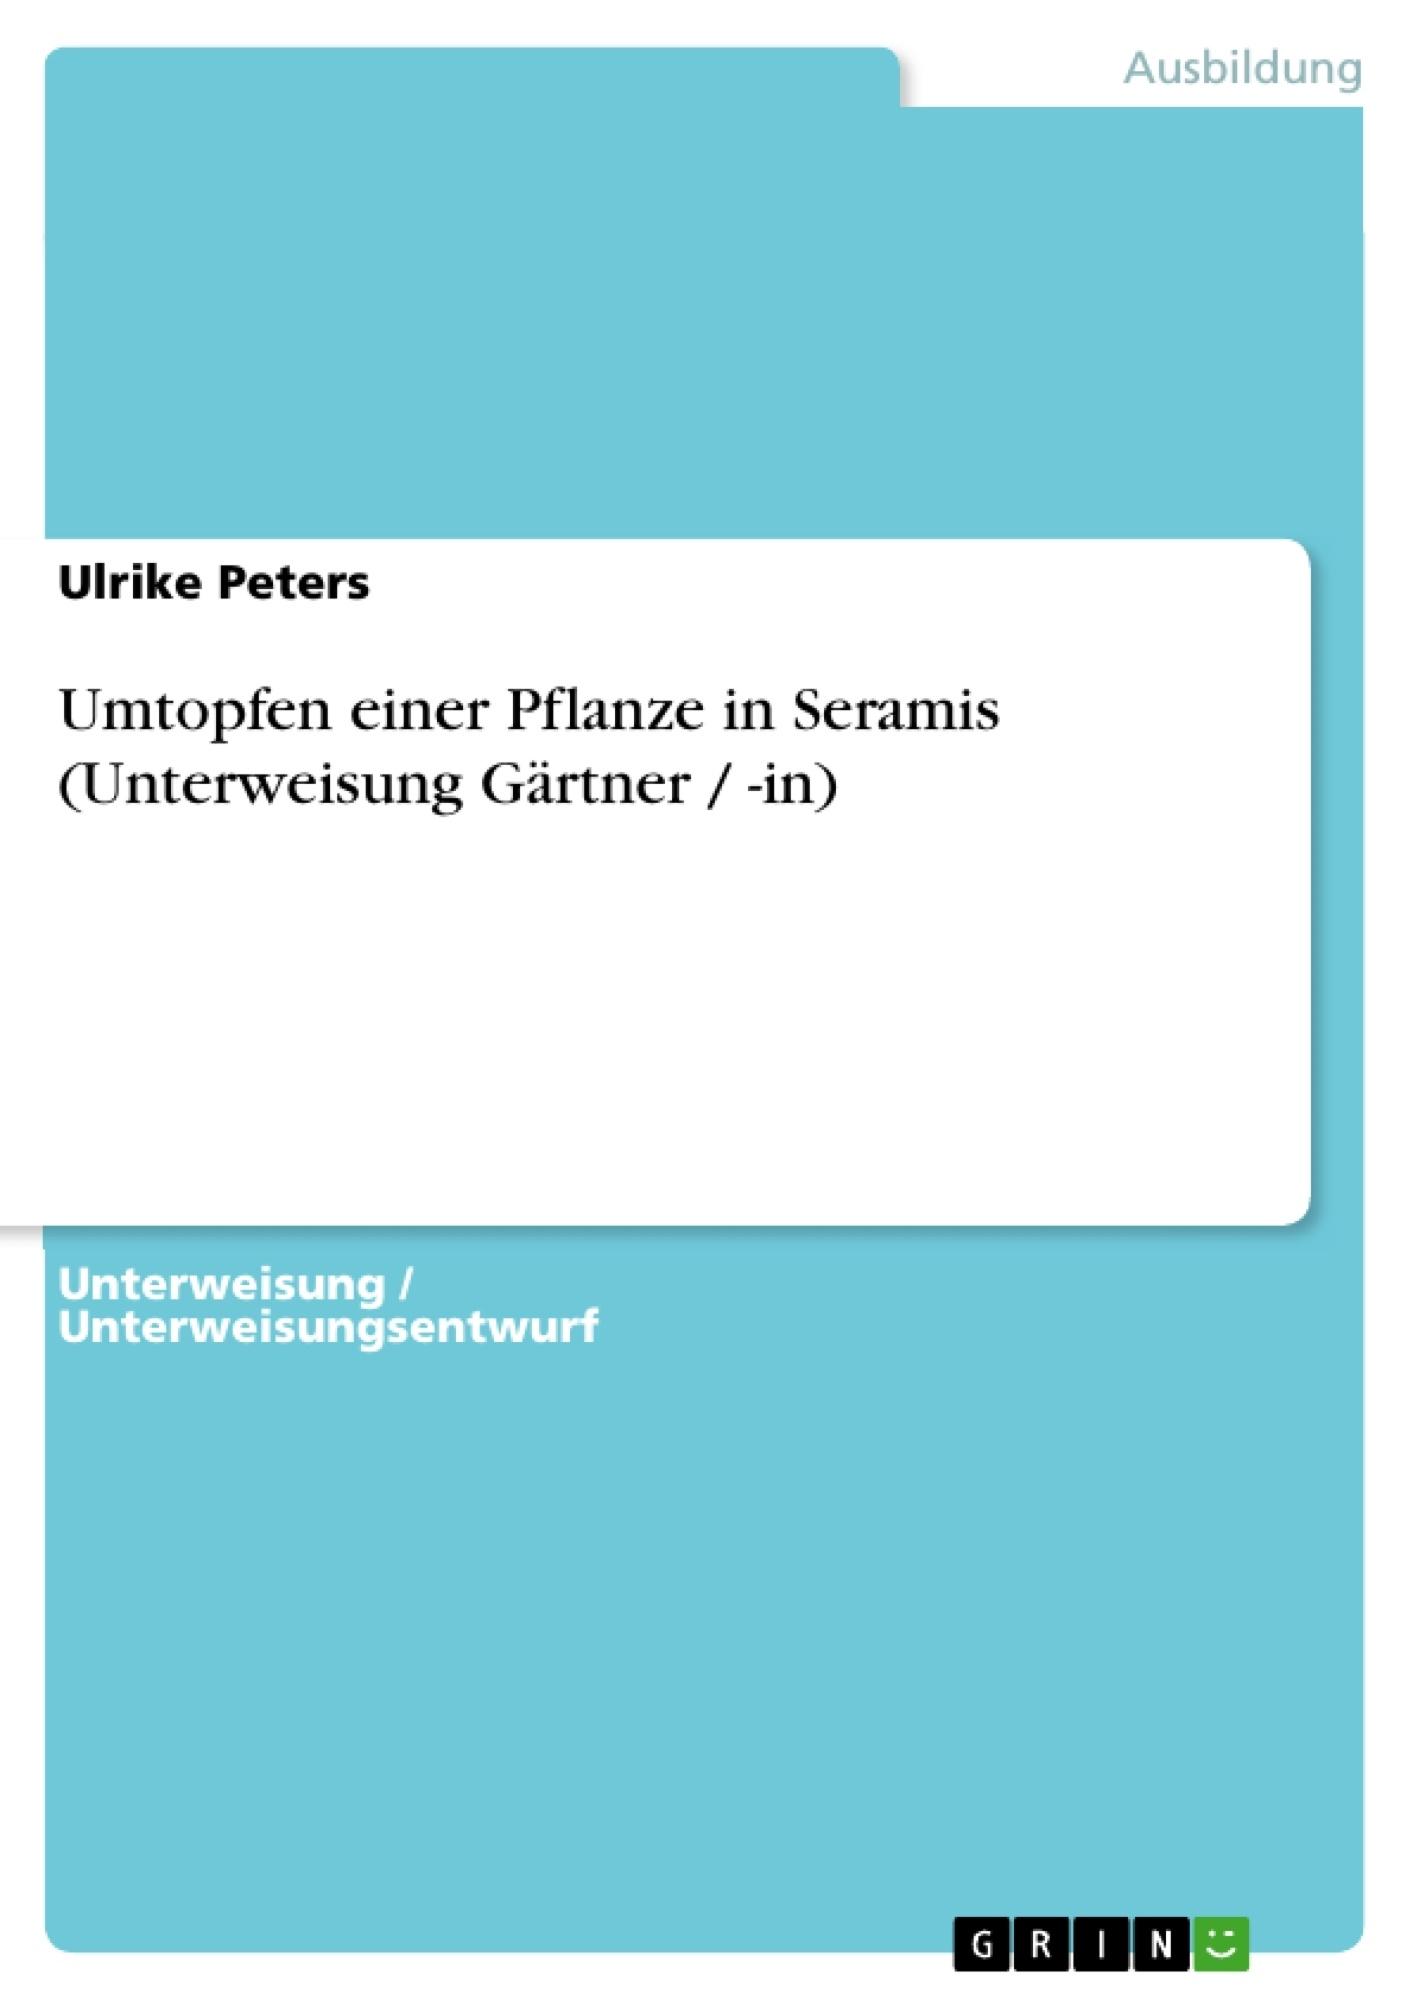 Titel: Umtopfen einer Pflanze in Seramis (Unterweisung Gärtner / -in)